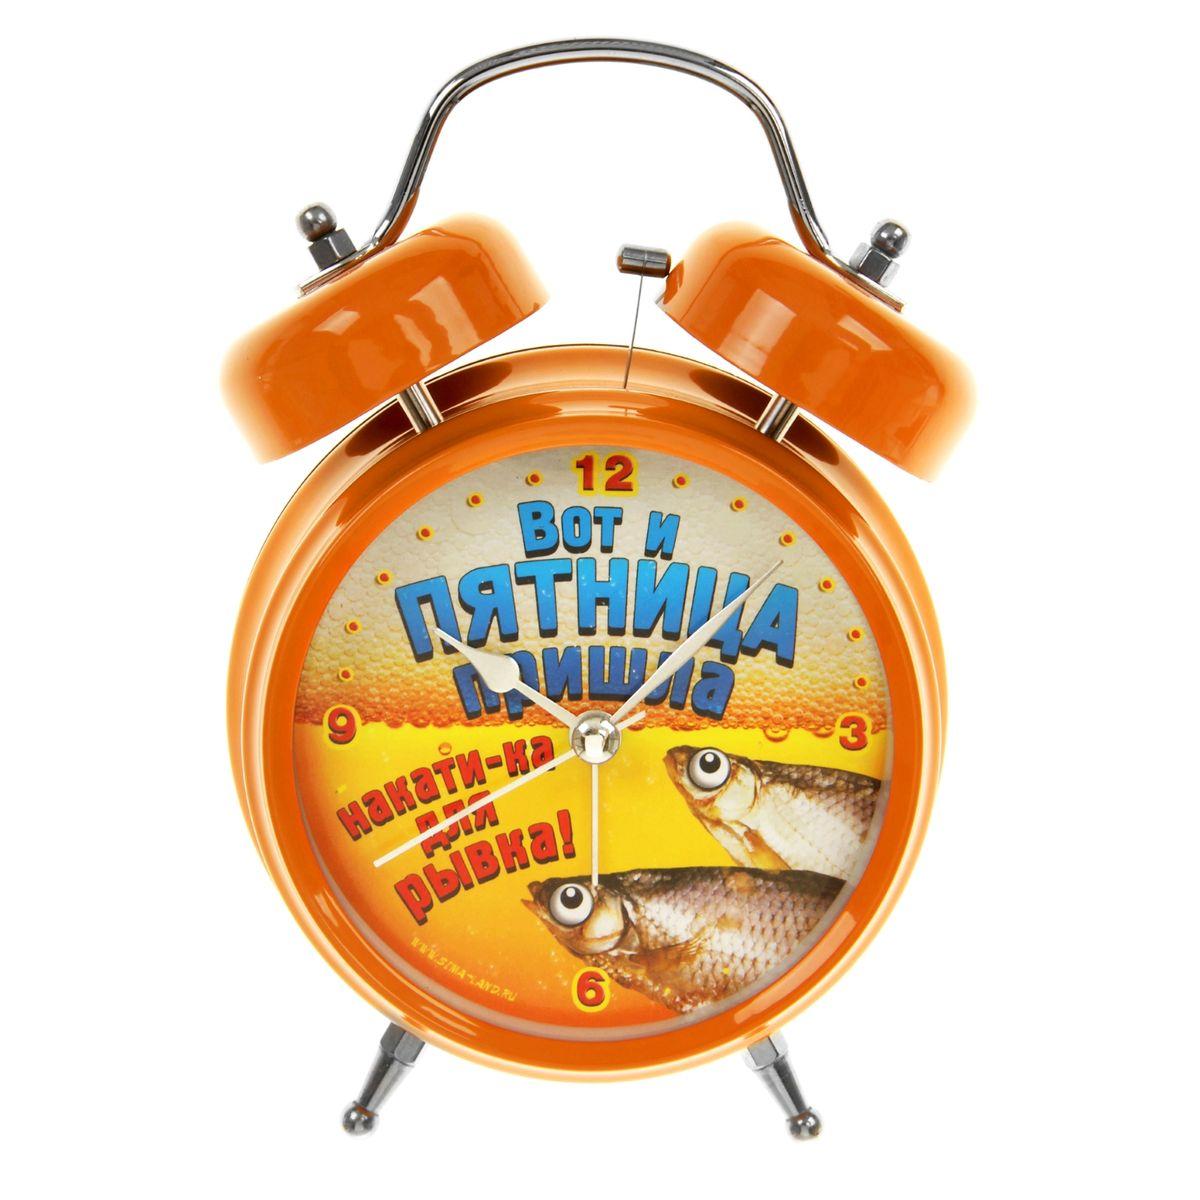 Часы-будильник Sima-land Вот и пятница839681Как же сложно иногда вставать вовремя! Всегда так хочется поспать еще хотя бы 5 минут и бывает, что мы просыпаем. Теперь этого не случится! Яркий, оригинальный будильник Sima-land Вот и пятница поможет вам всегда вставать в нужное время и успевать везде и всюду. Корпус будильника выполнен из металла. Циферблат оформлен изображением рыбки на фоне пива и надписью: Вот и пятница пришла, накати-ка для рывка!, имеет индикацию отметок с арабскими цифрами. Часы снабжены 4 стрелками (секундная, минутная, часовая и для будильника). На задней панели будильника расположен переключатель включения/выключения механизма, а также два колесика для настройки текущего времени и времени звонка будильника. Пользоваться будильником очень легко: нужно всего лишь поставить батарейки, настроить точное время и установить время звонка. Необходимо докупить 2 батарейки типа АА (не входят в комплект).